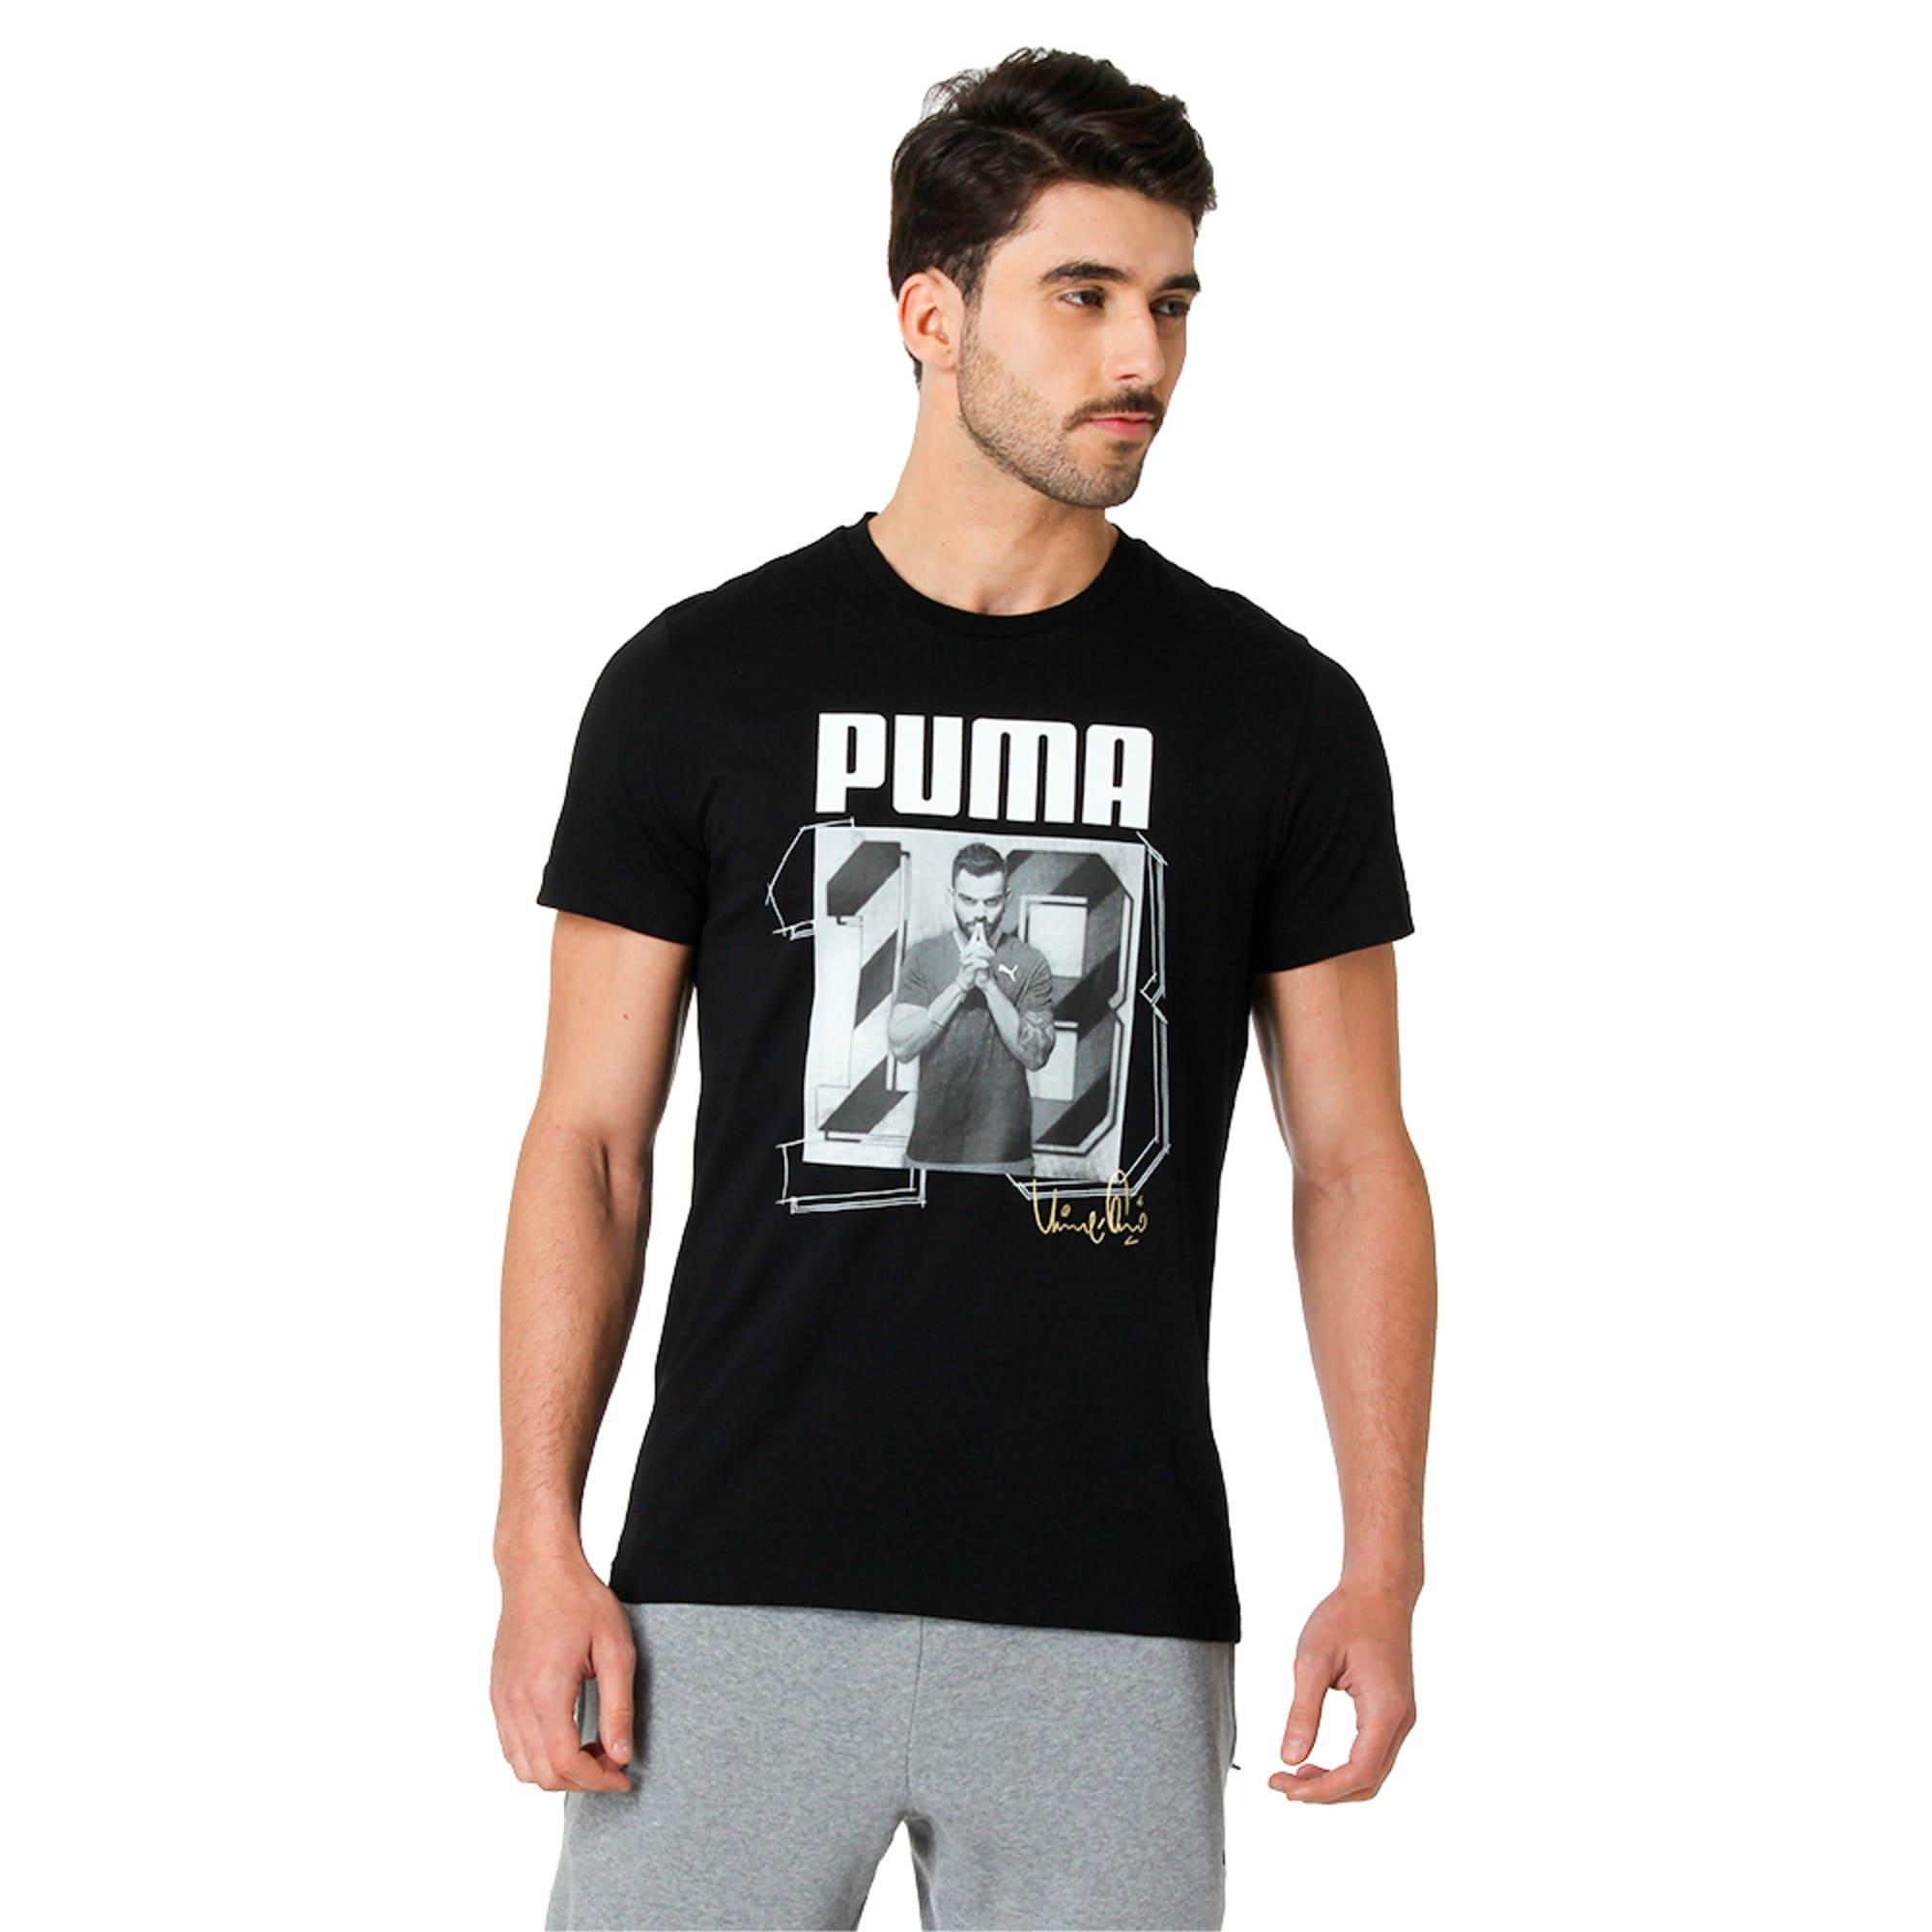 Thumbnail 5 of VK Tee, Puma Black, medium-IND